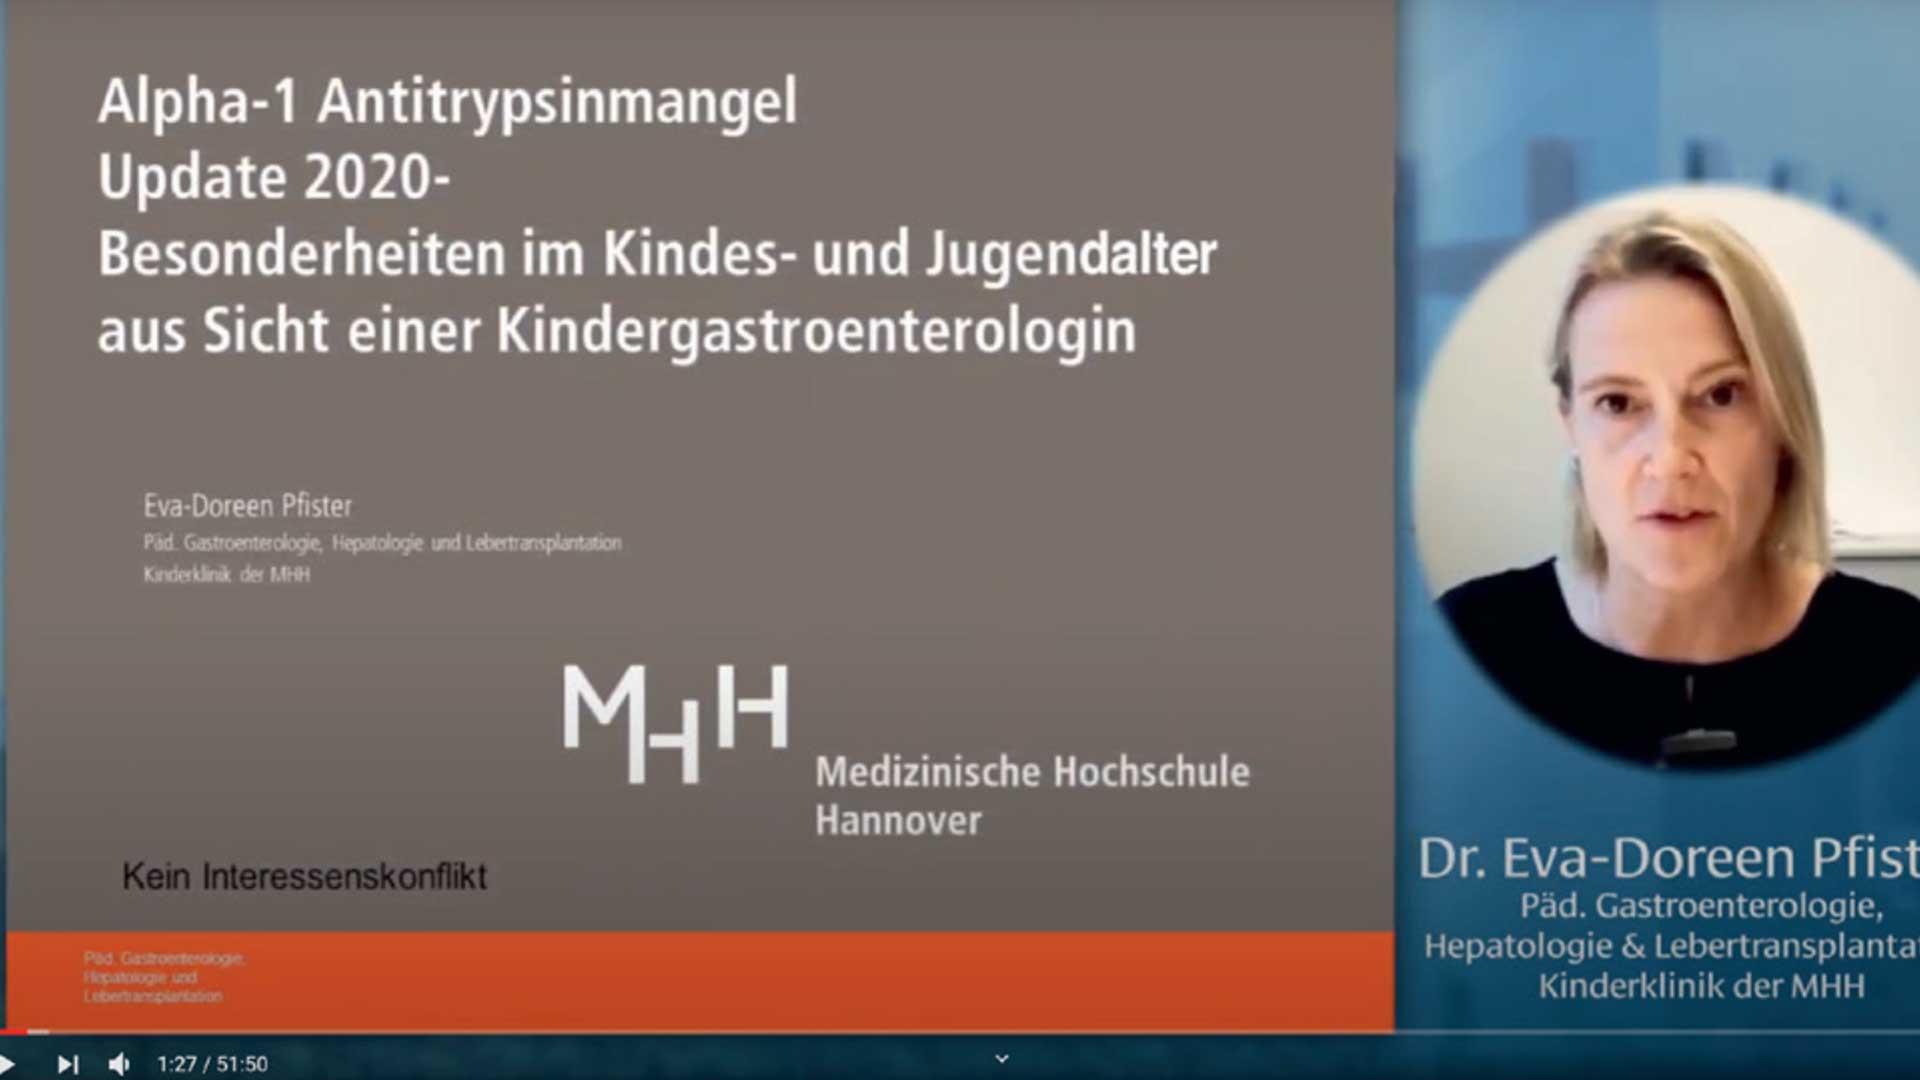 Den Vortrag von Frau Dr. Eva-Doreen Pfister finden Sie auf unserem YouTube-Kanal.